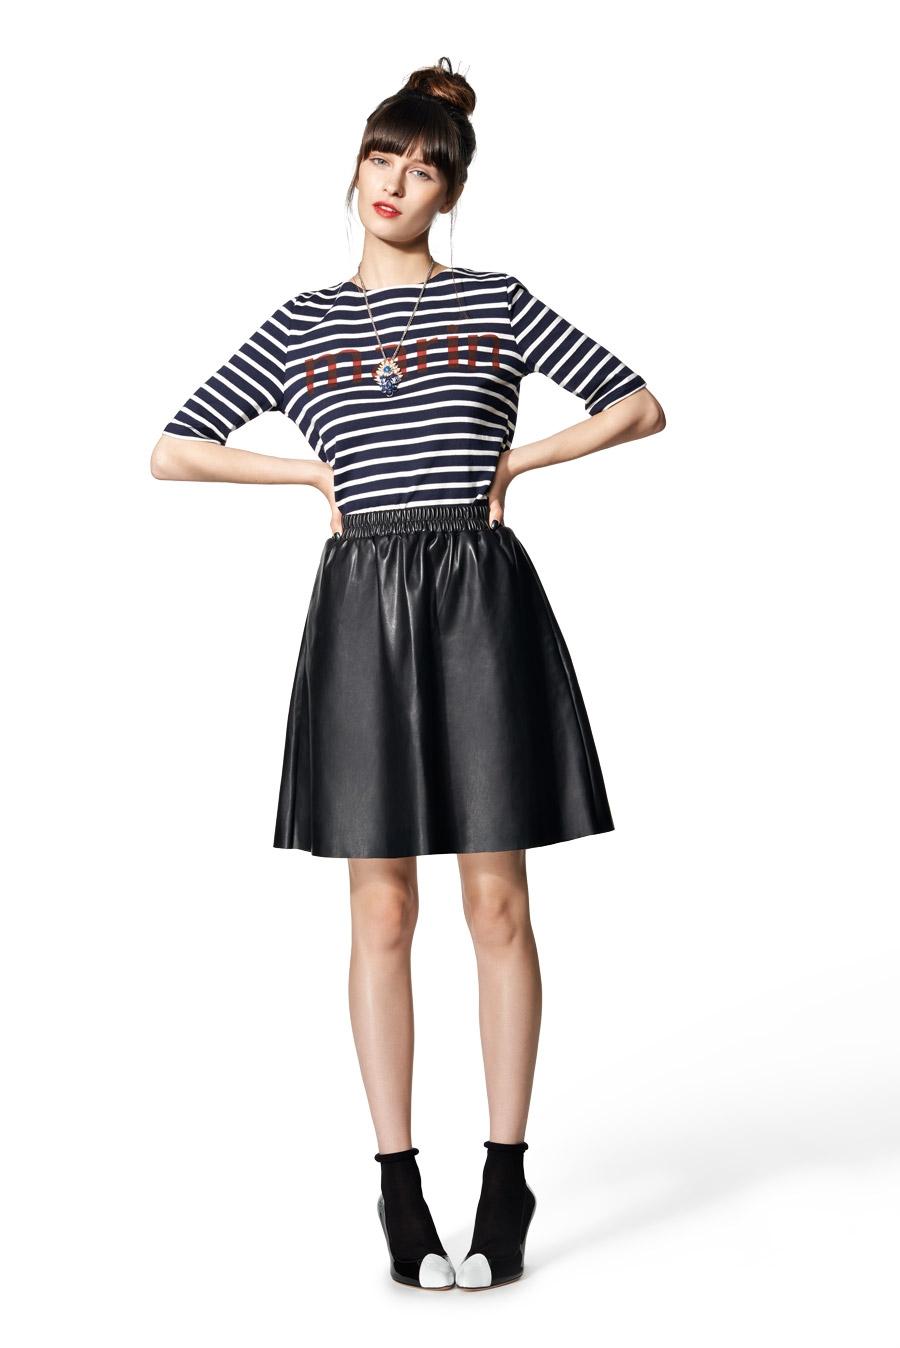 Femme-circle-skirt-049.jpg